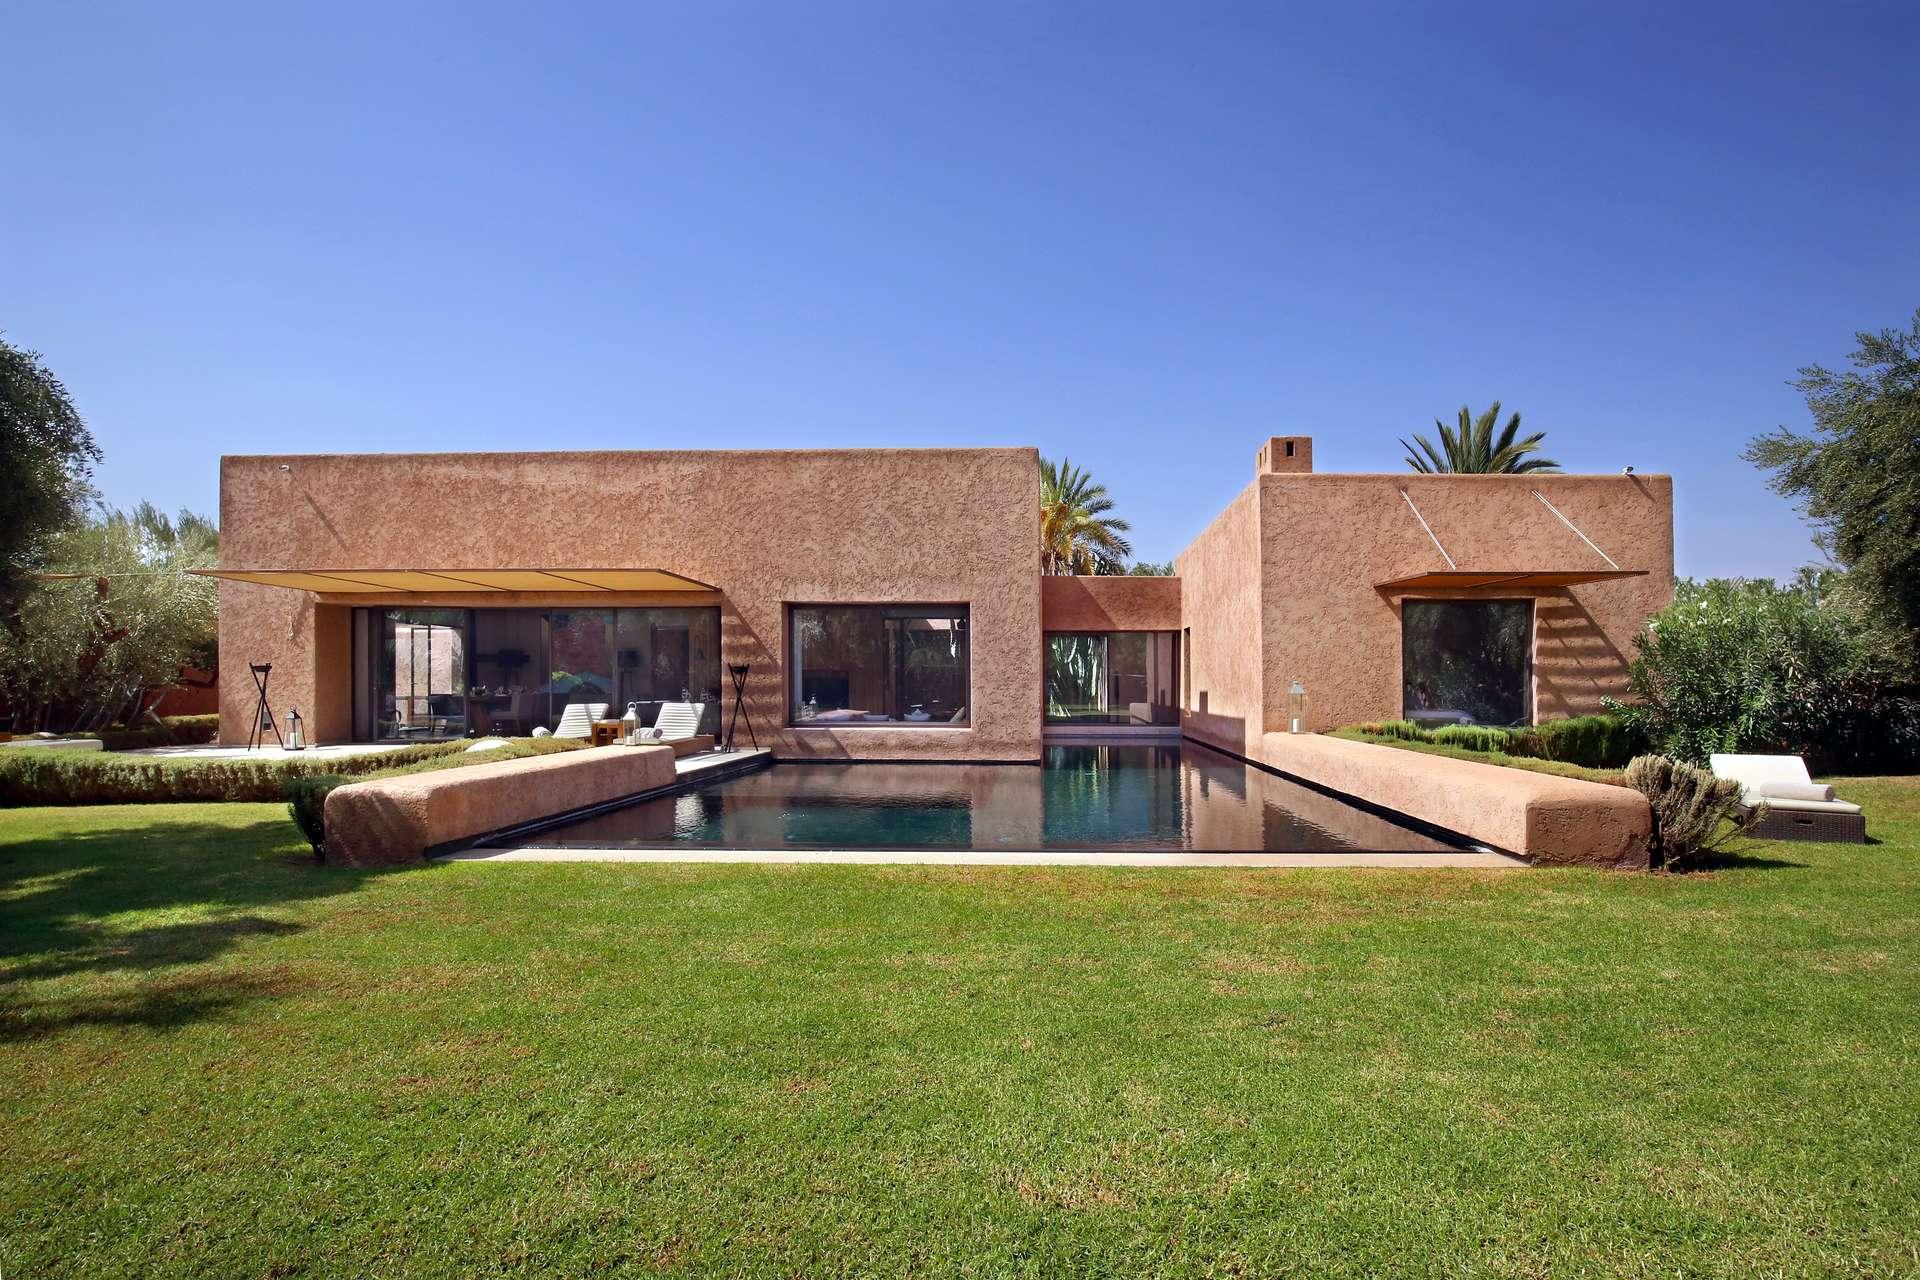 Luxury villa rentals africa - Morocco - Marrakesh - No location 4 - Acqua - Image 1/12